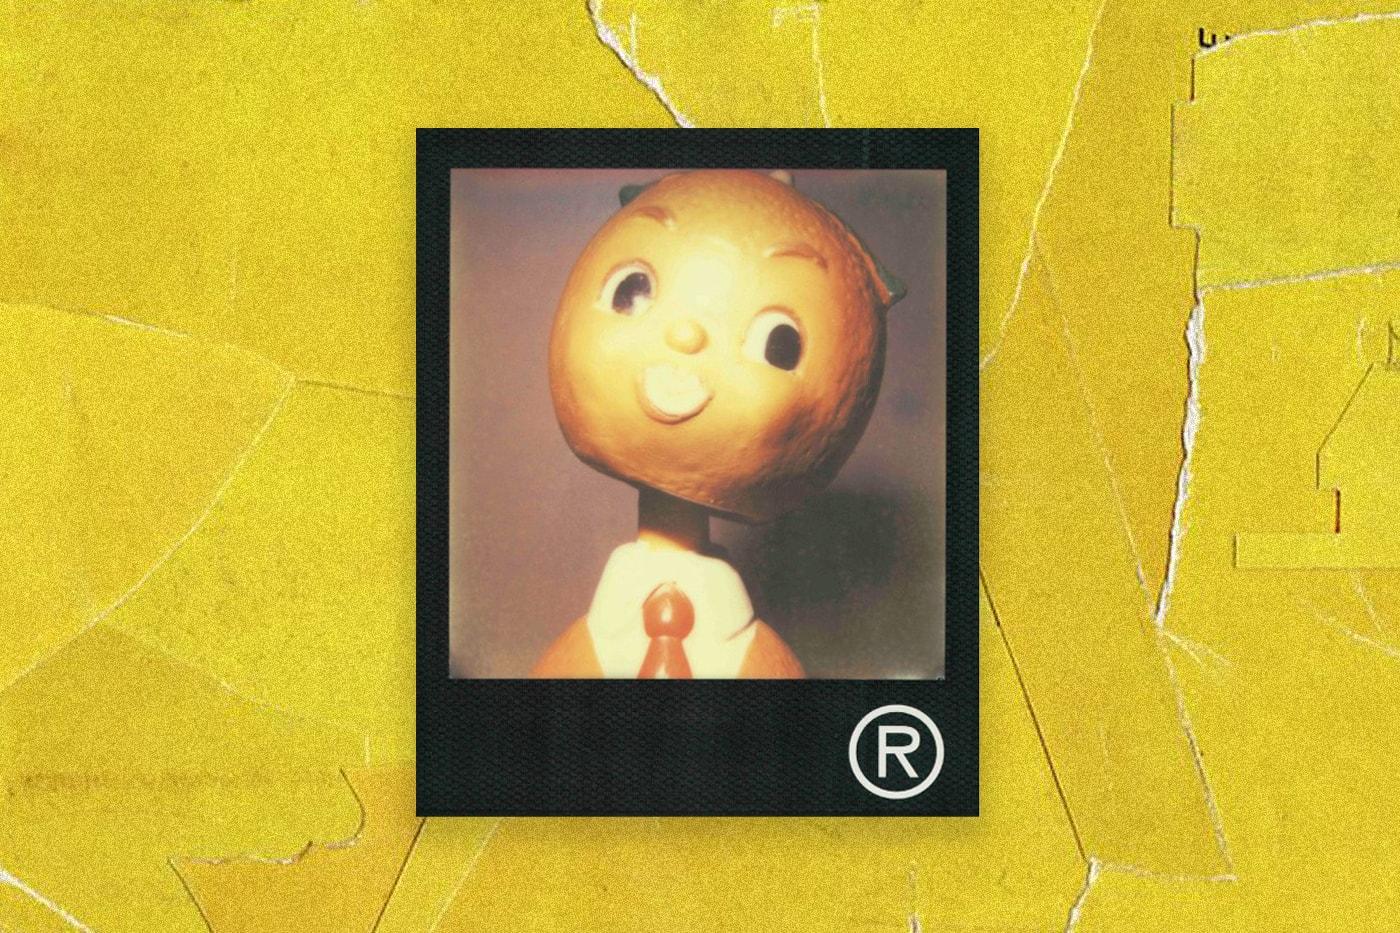 除了「藍絲綢」拍立得,還有哪些值得我們回味的 Polaroid 跨界企劃?